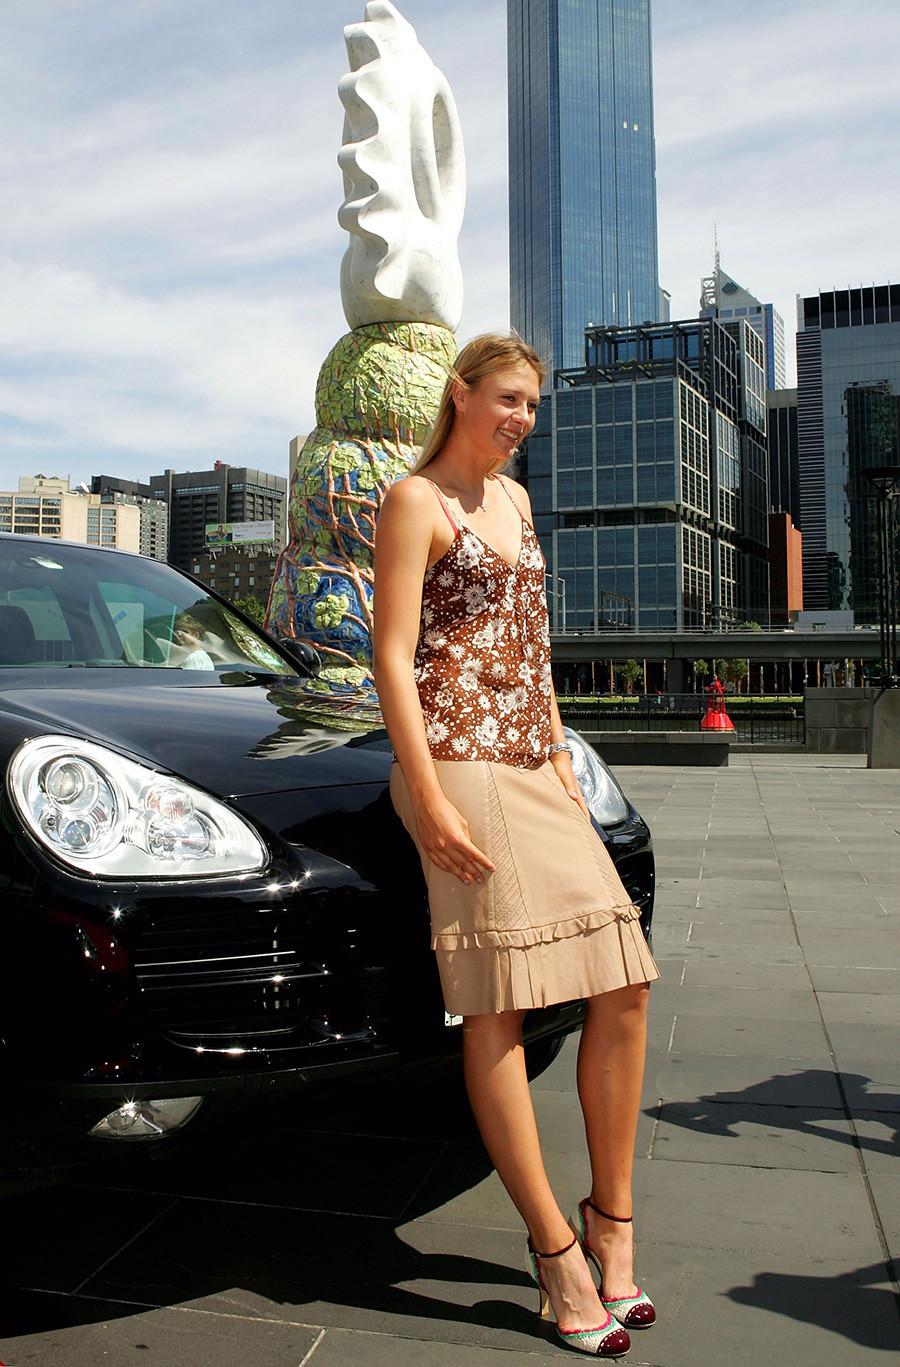 Шарапова пожертвовала сумму, равную стоимости Porsche, после победы в WTA в 2004 году.